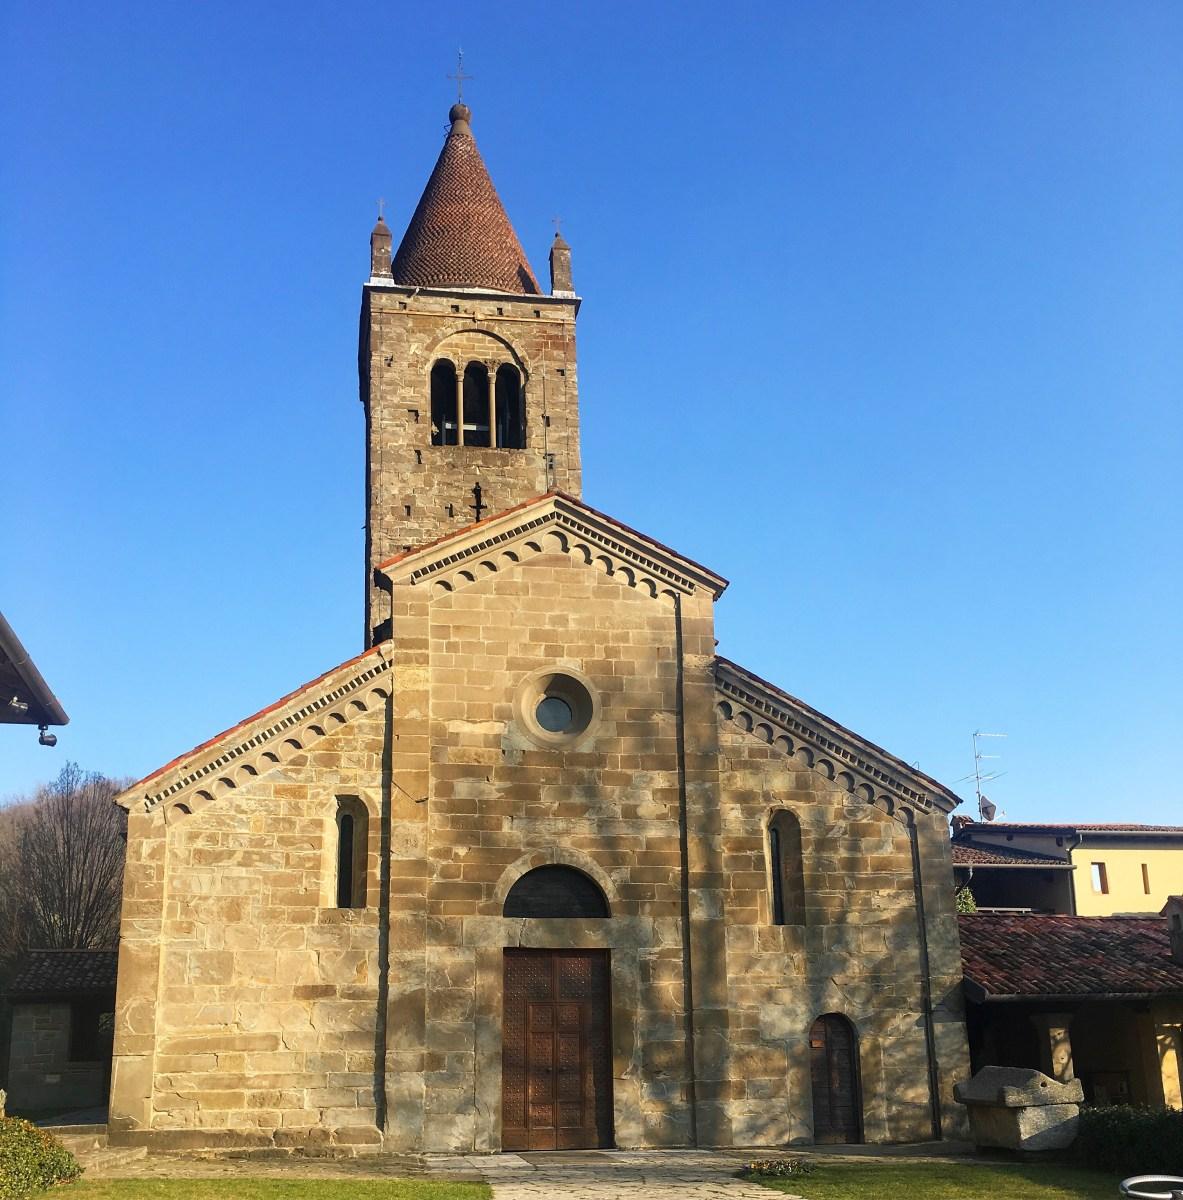 All'abbazia di Fontanella, immaginando di incontrare Adso da Melk e Guglielmo da Baskerville